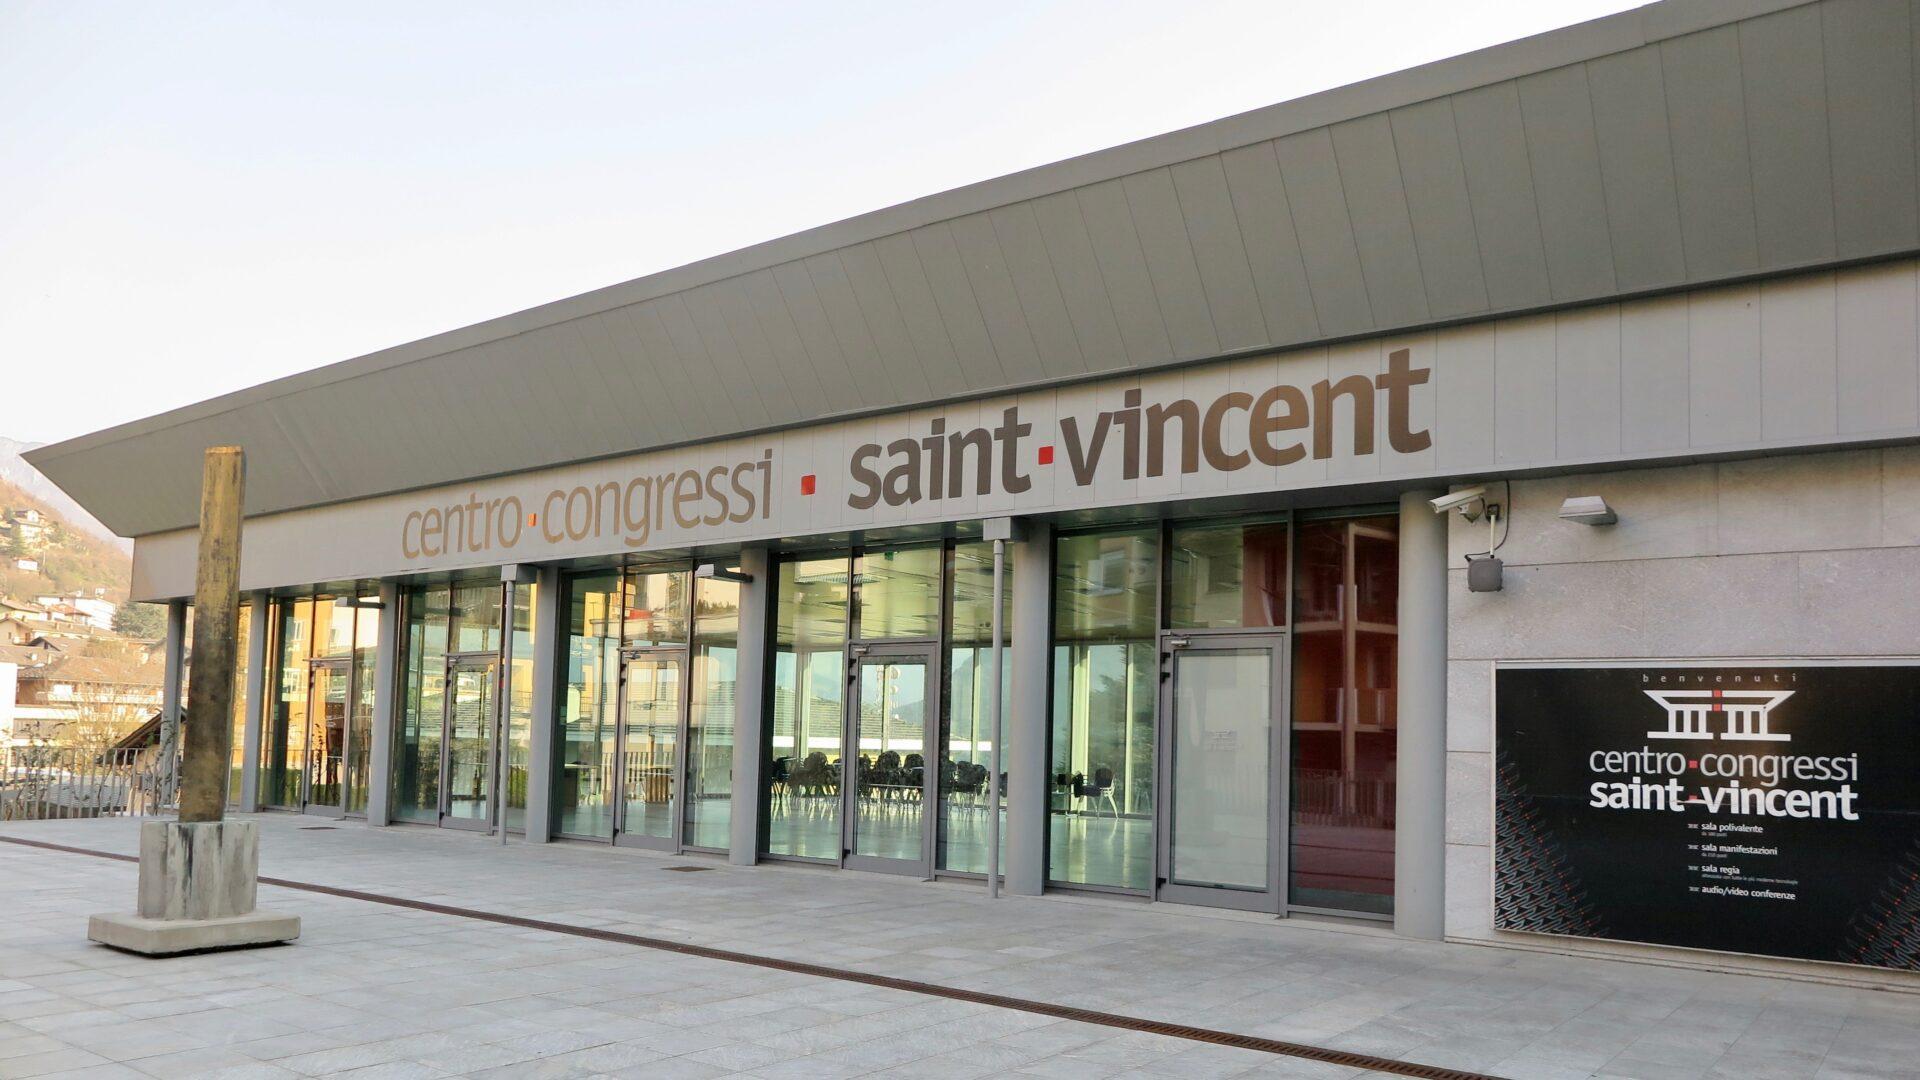 Centro Congressi Saint-Vincent